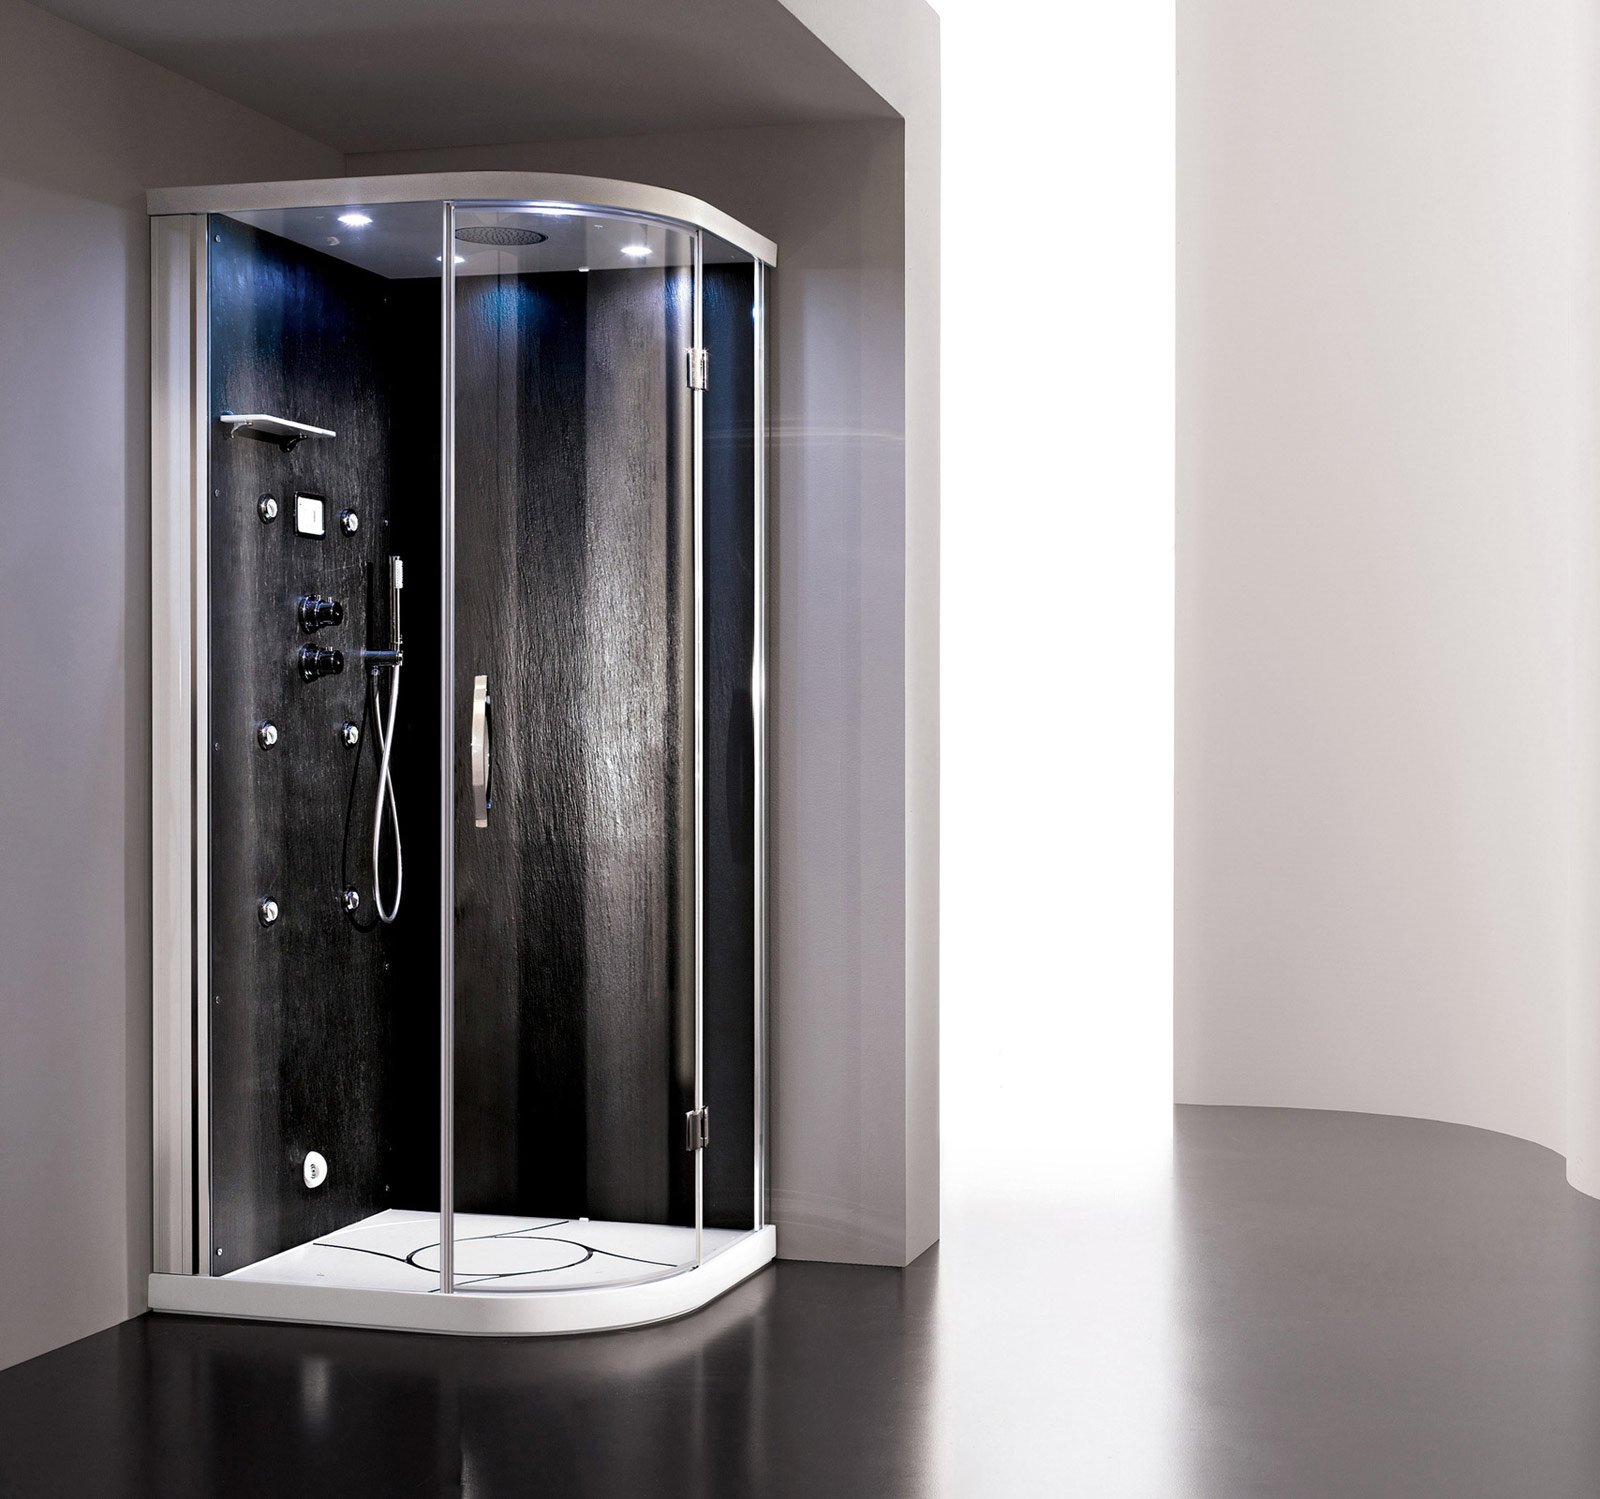 Bagno come attrezzarlo per il tuo benessere cose di casa - Tipi di bagno ...